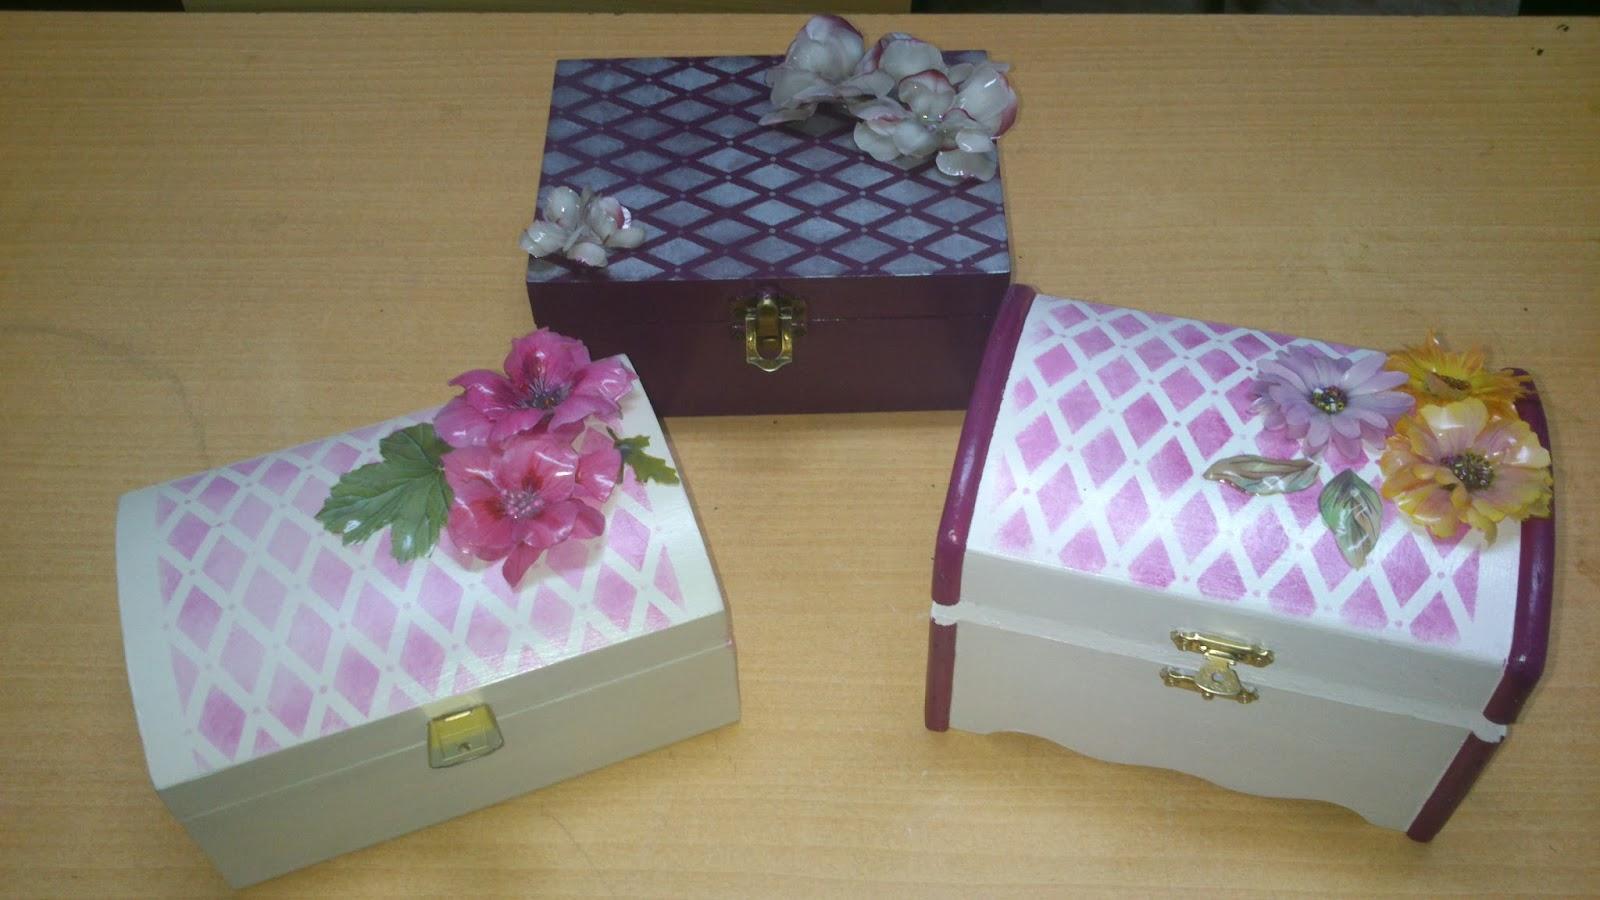 Las manualidades de carmen cajas decoradas con sospeso - Manualidades cajas decoradas ...